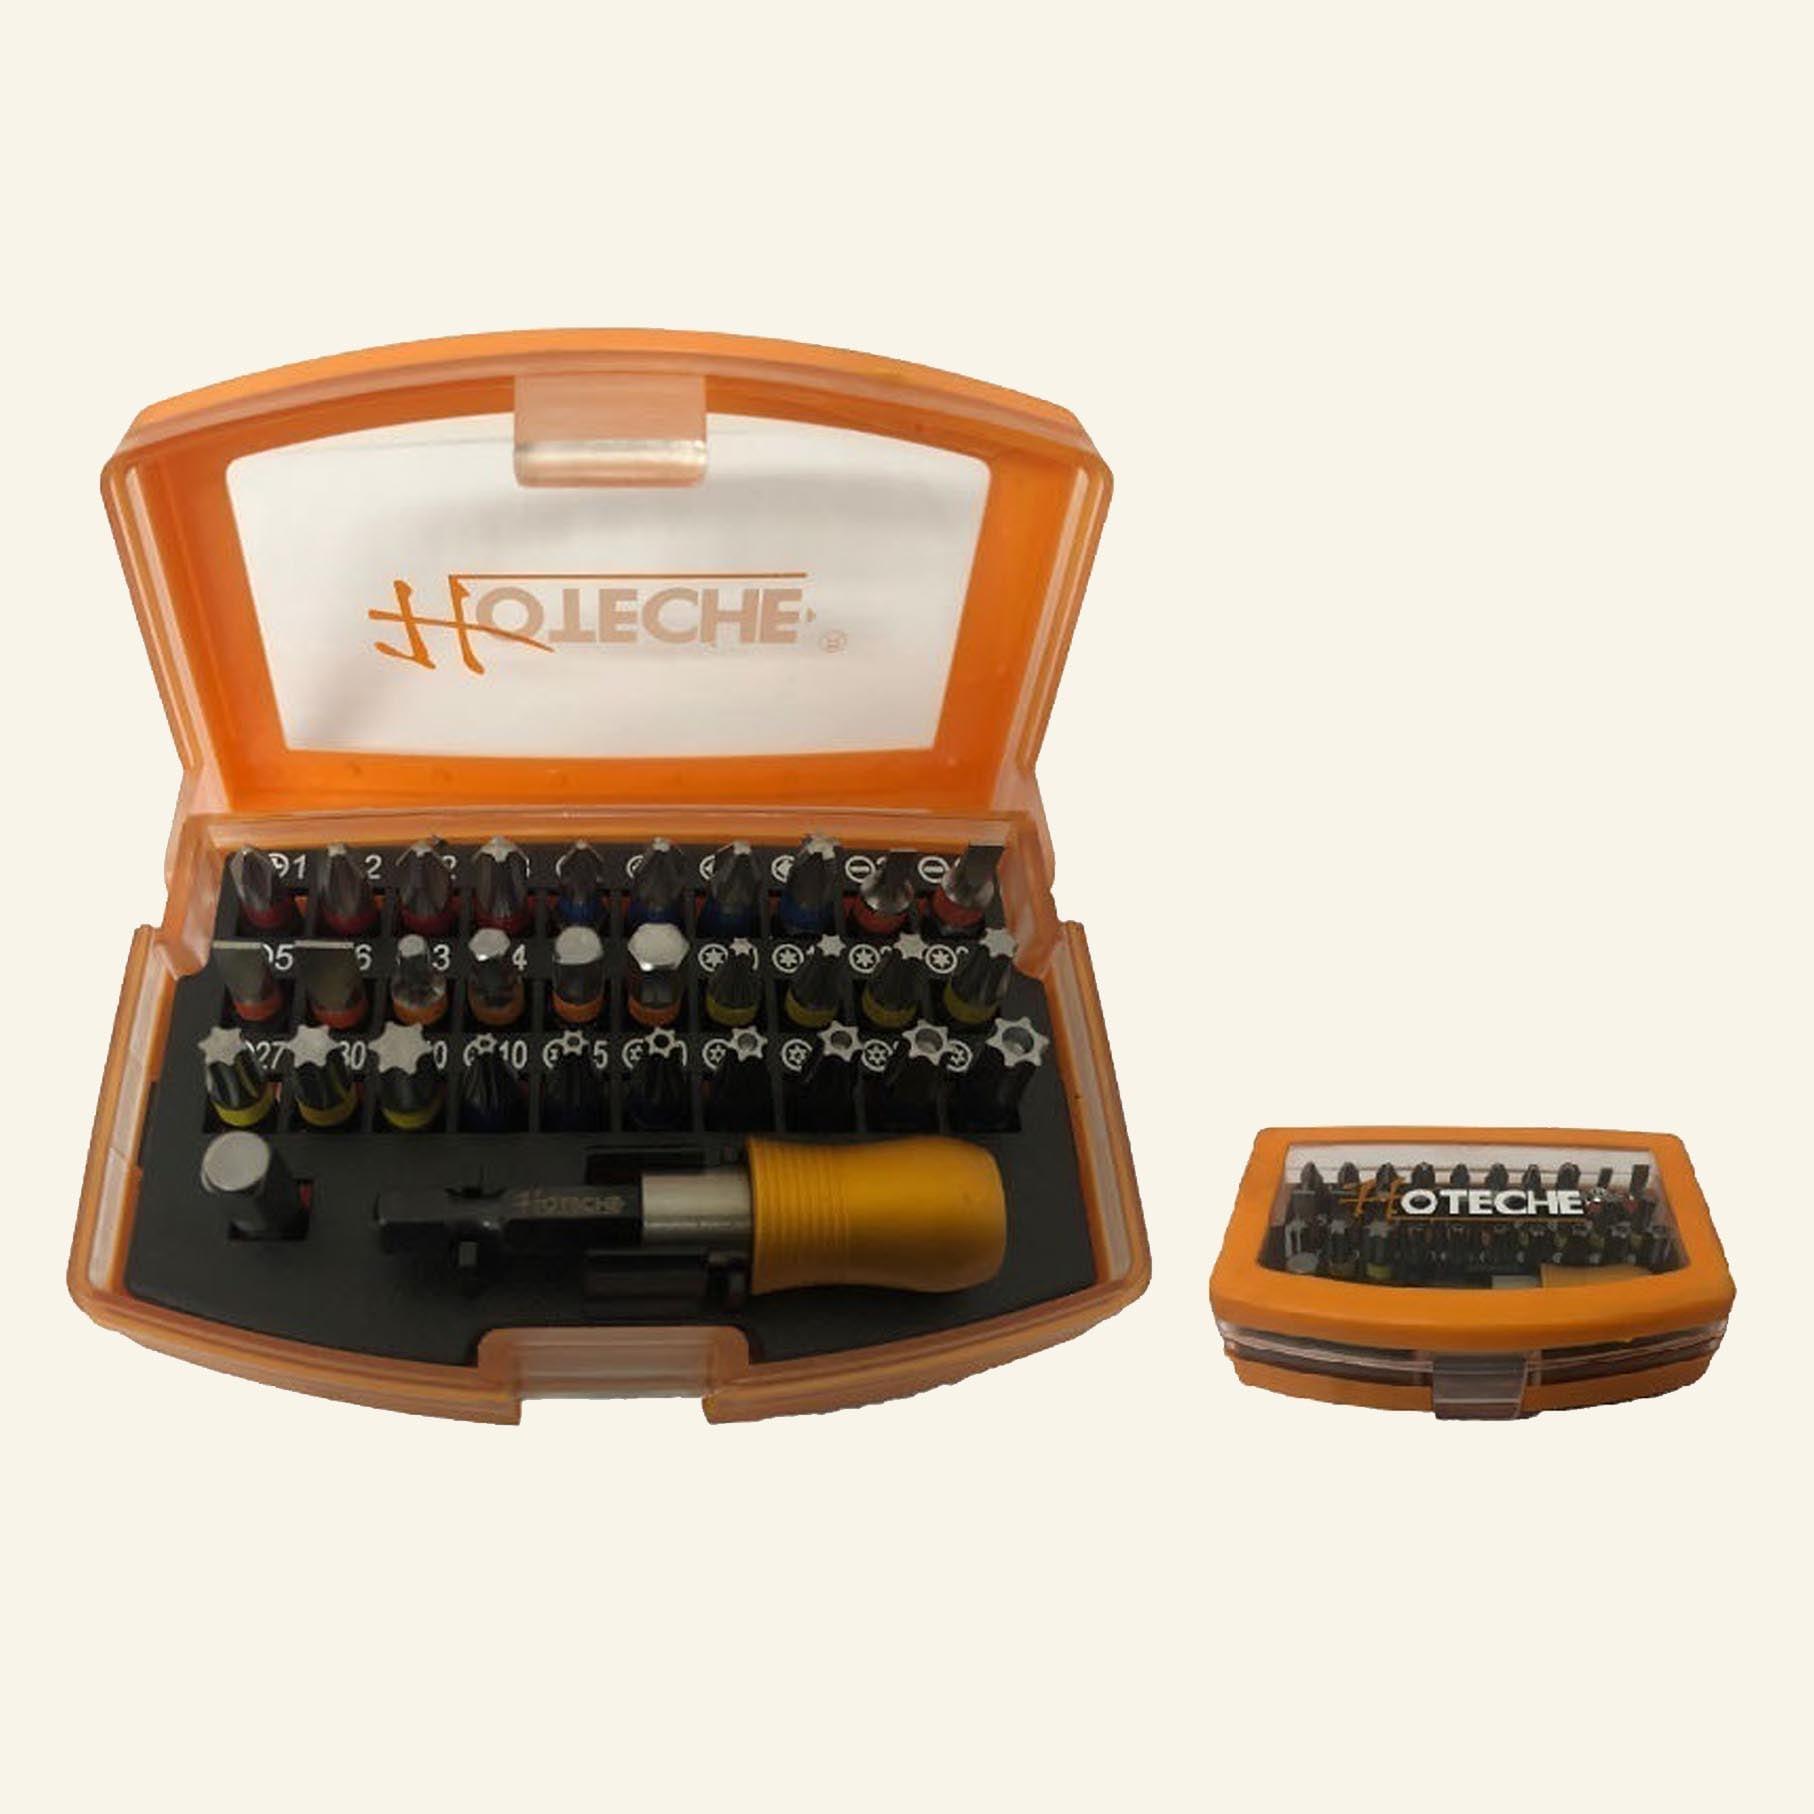 סט 32 ביטים מגנטיים כולל מאריך מגנטי  מבית HOTECHE